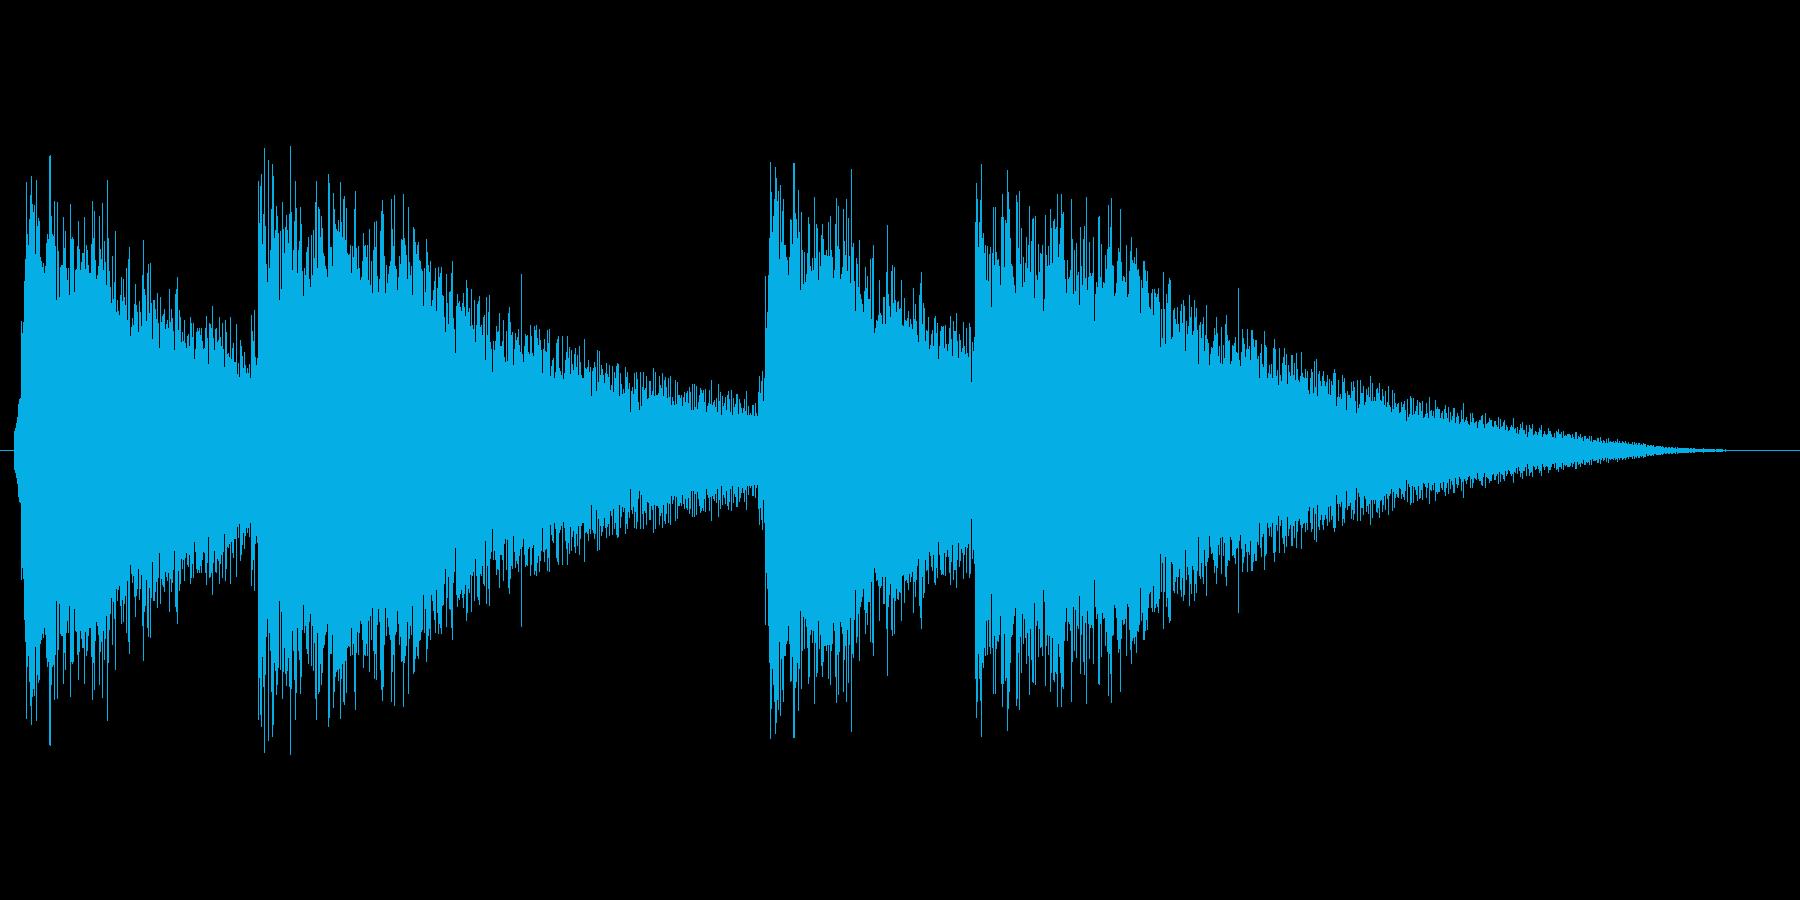 【鐘の音】結婚式・教会感のある音の再生済みの波形